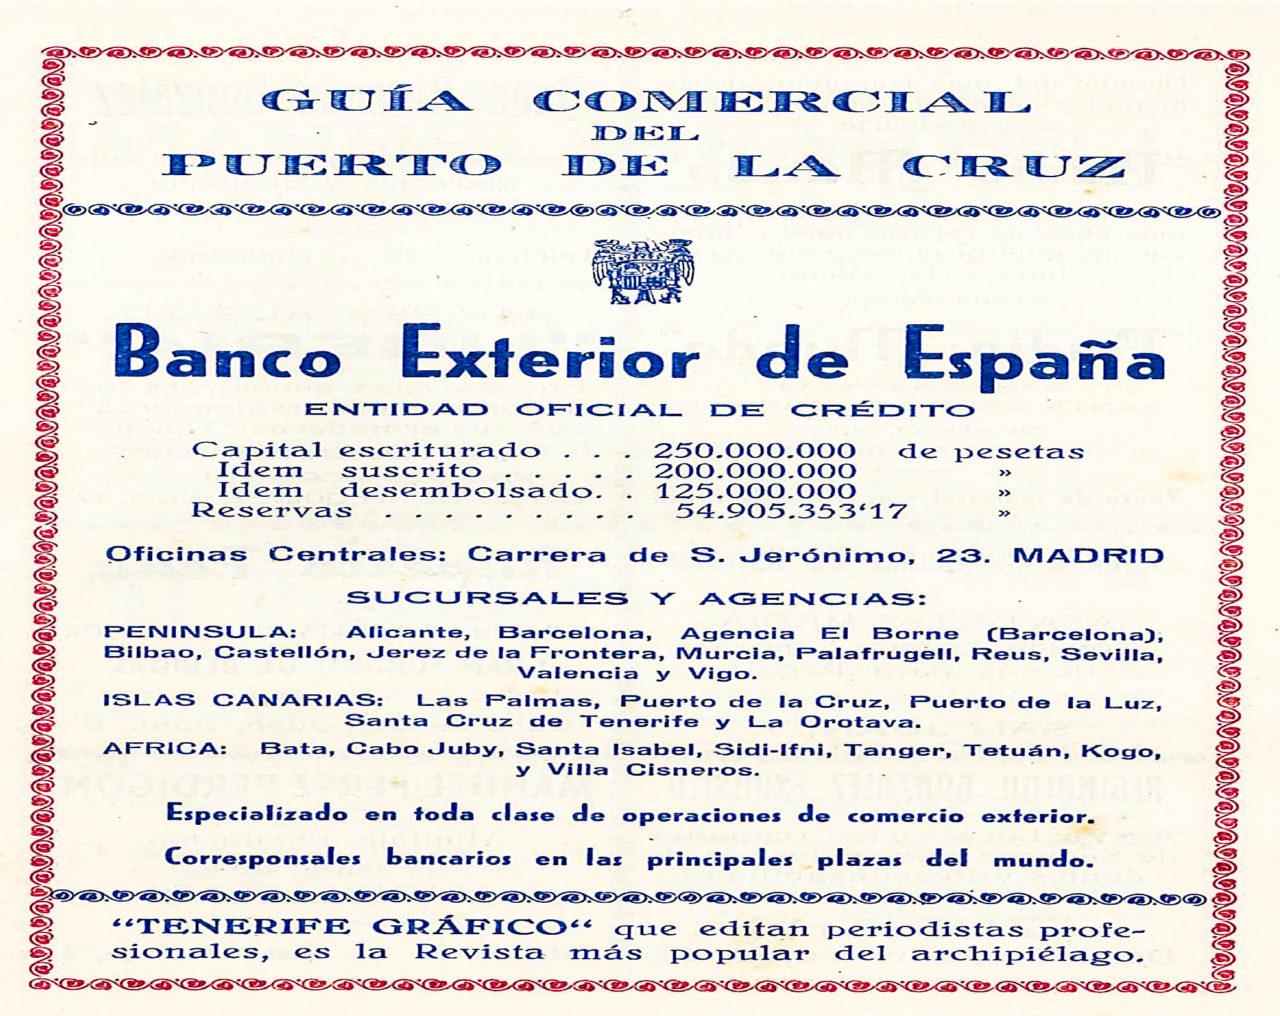 Guia Comercial del Programa de las Fiestas de Julio en 1950